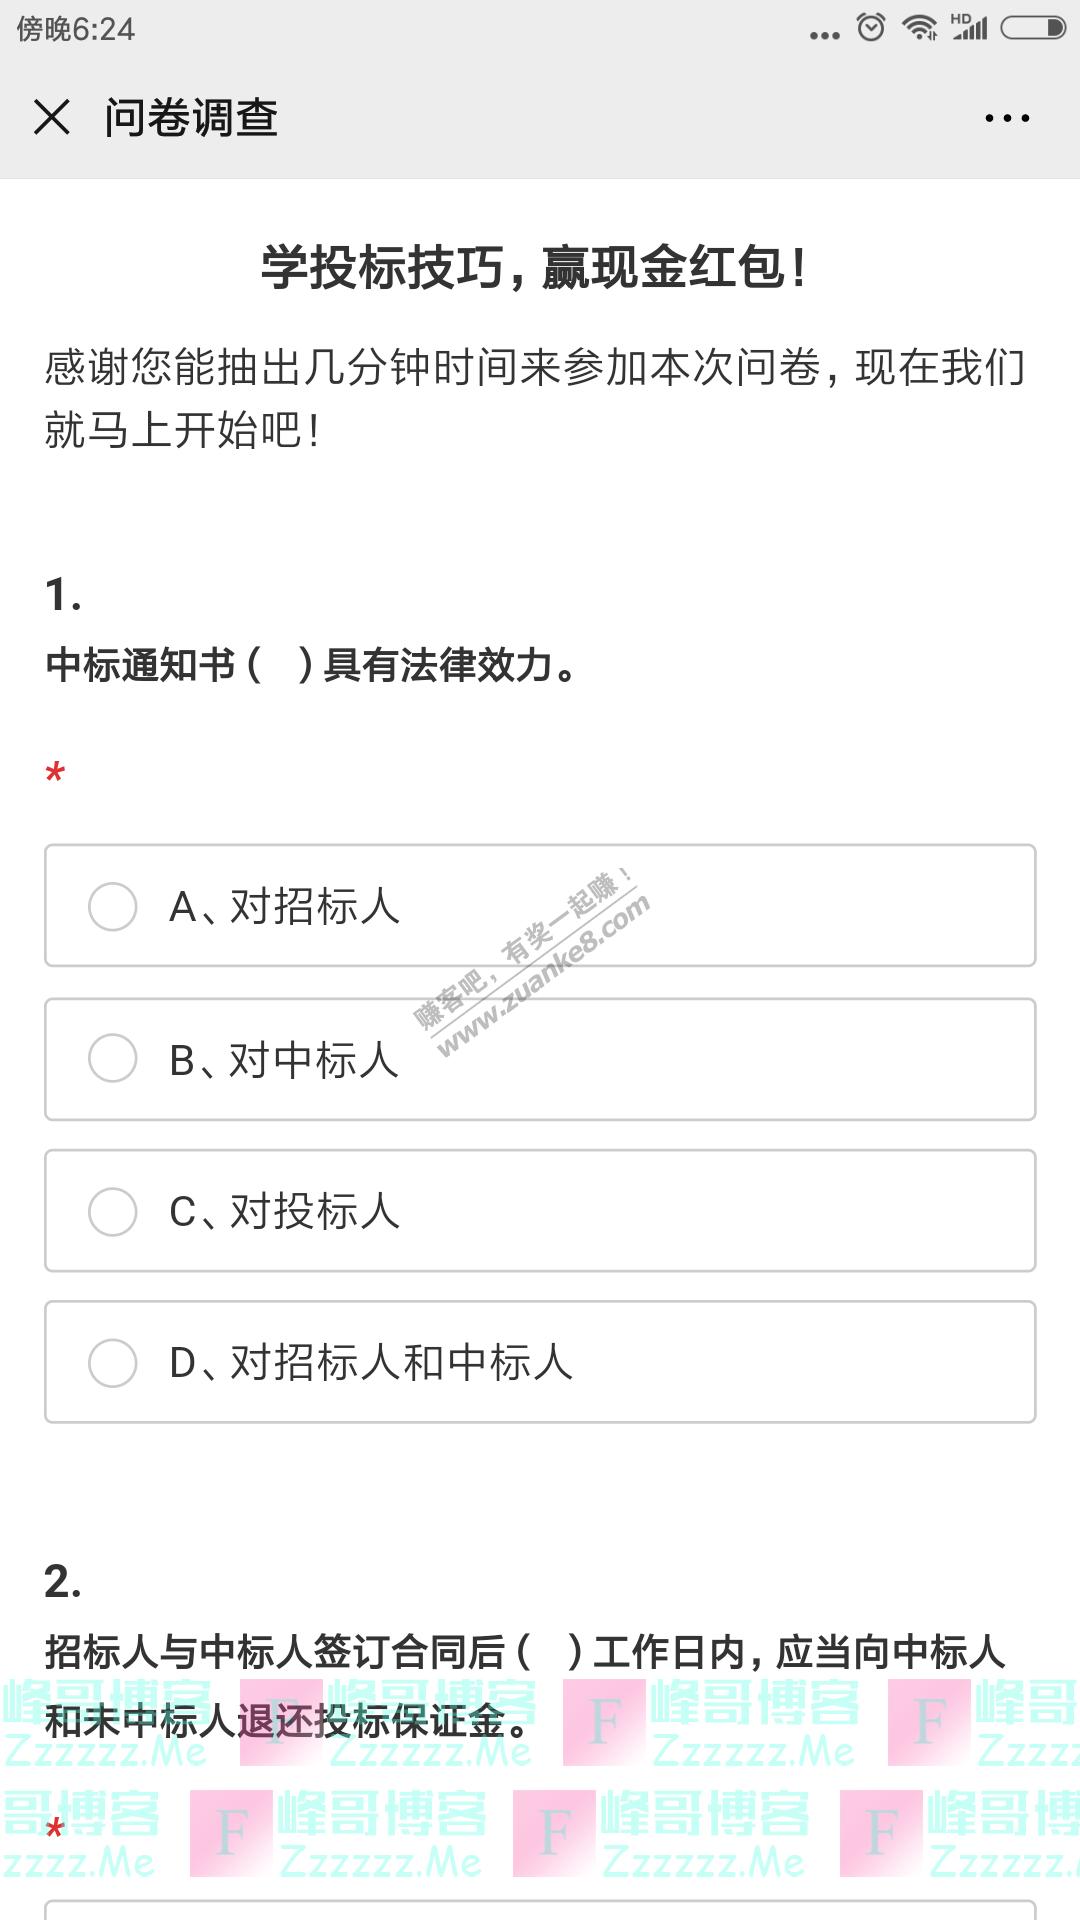 江苏省私个协会学投标技巧,赢现金红包,用免费平台!(截止12月12日)